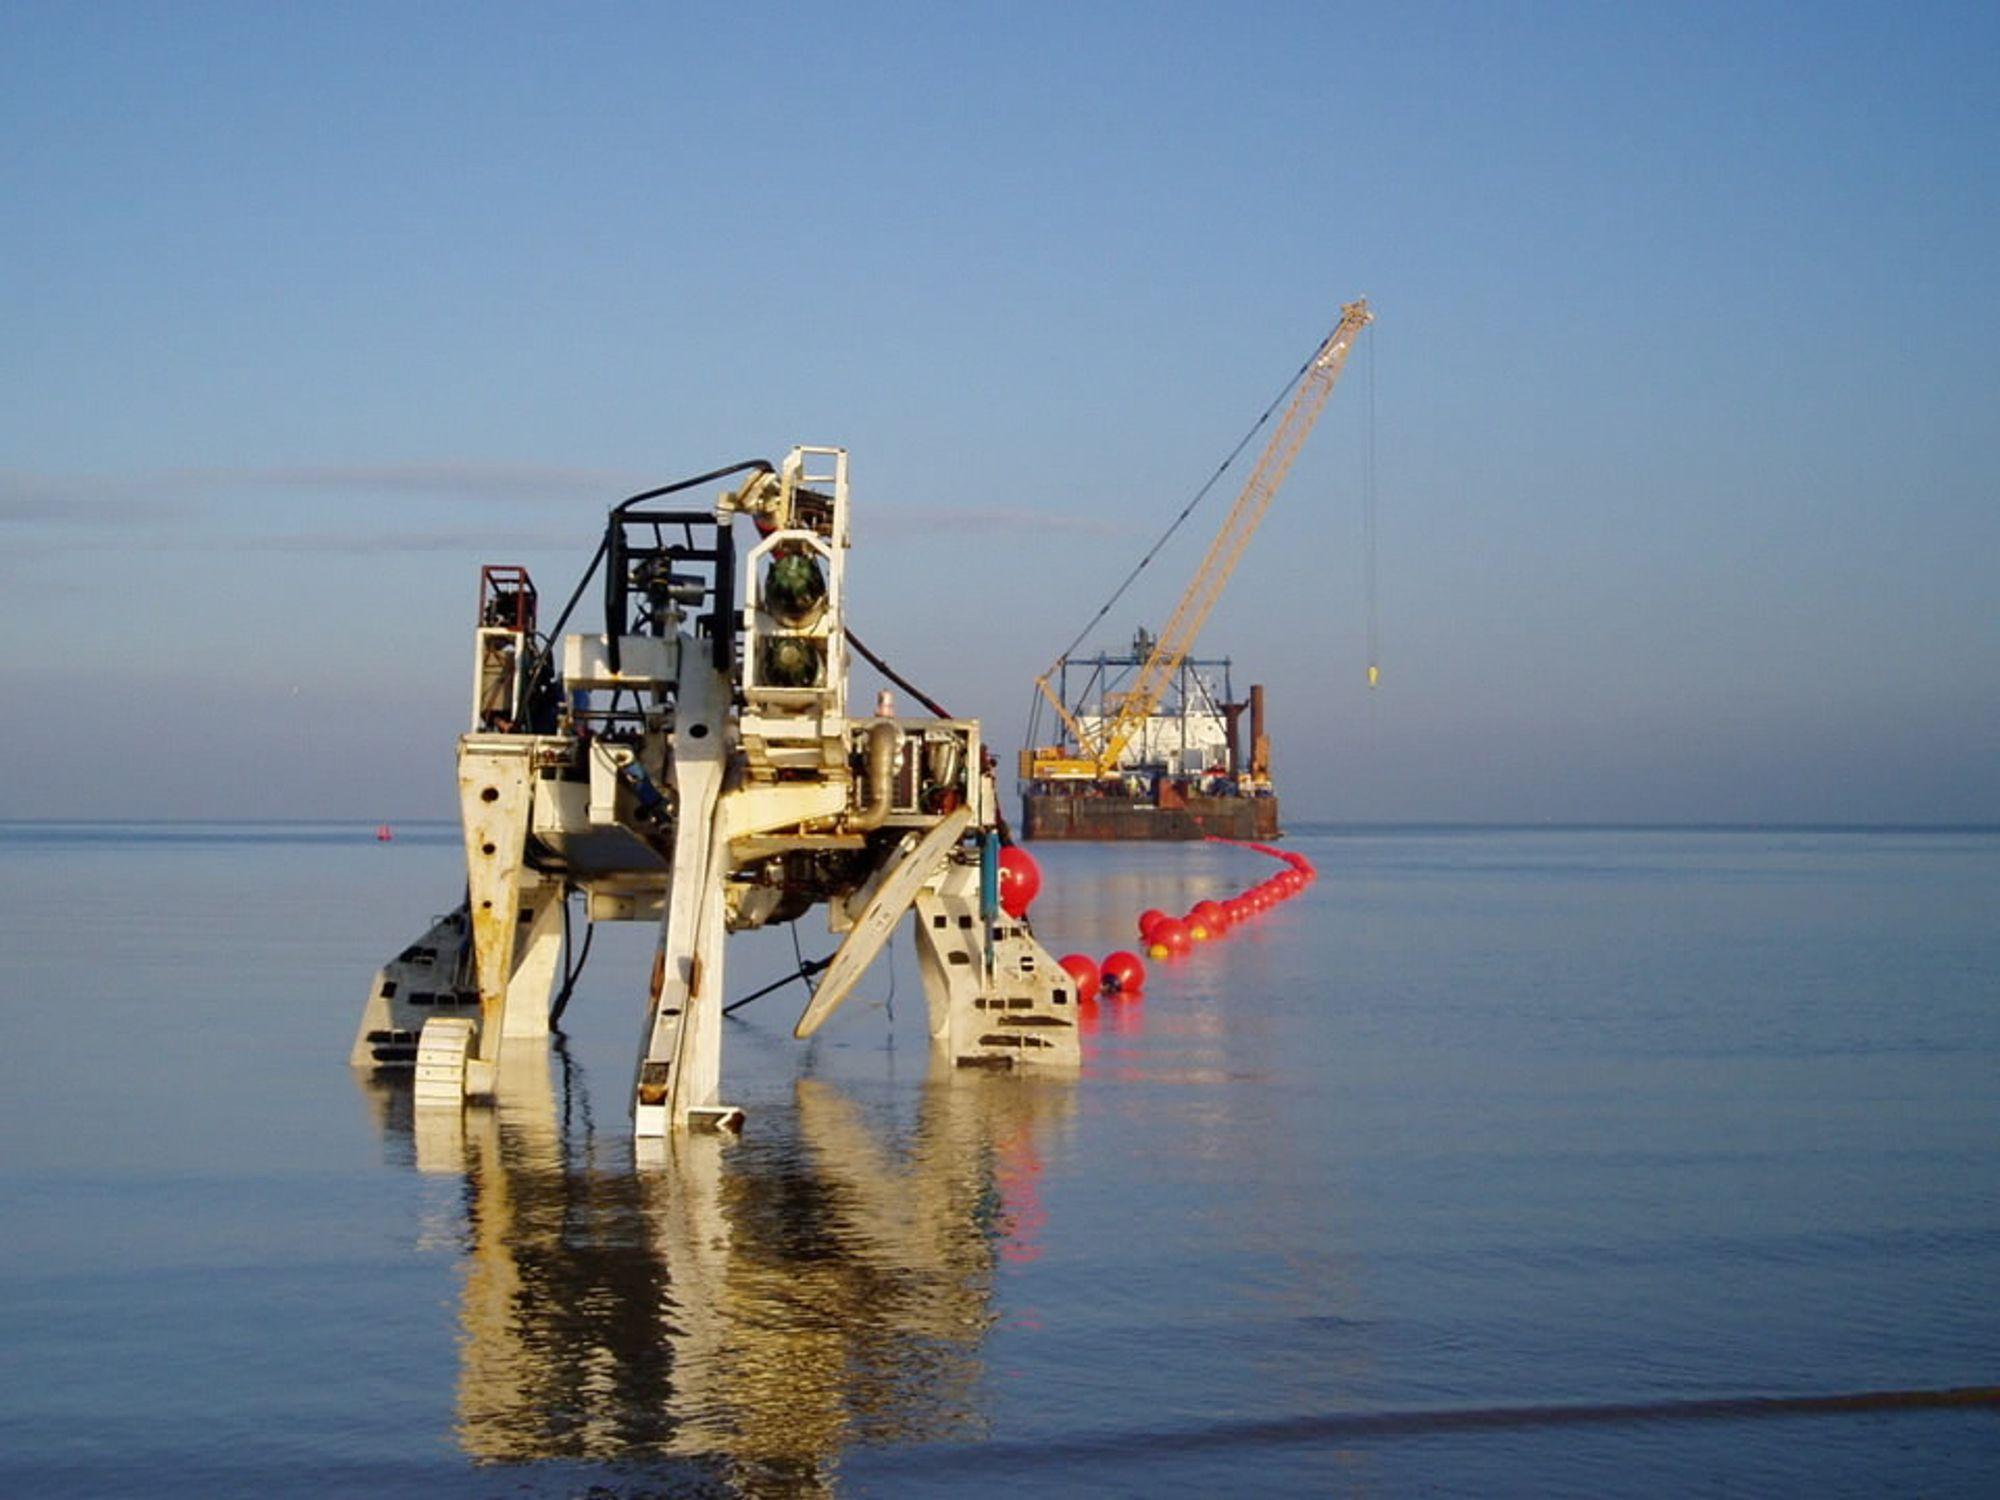 De lange strekkene med fiber på bunnen av Nordsjøen legges i en grøft som lages med en slik plog trukket etter kabelskipet.